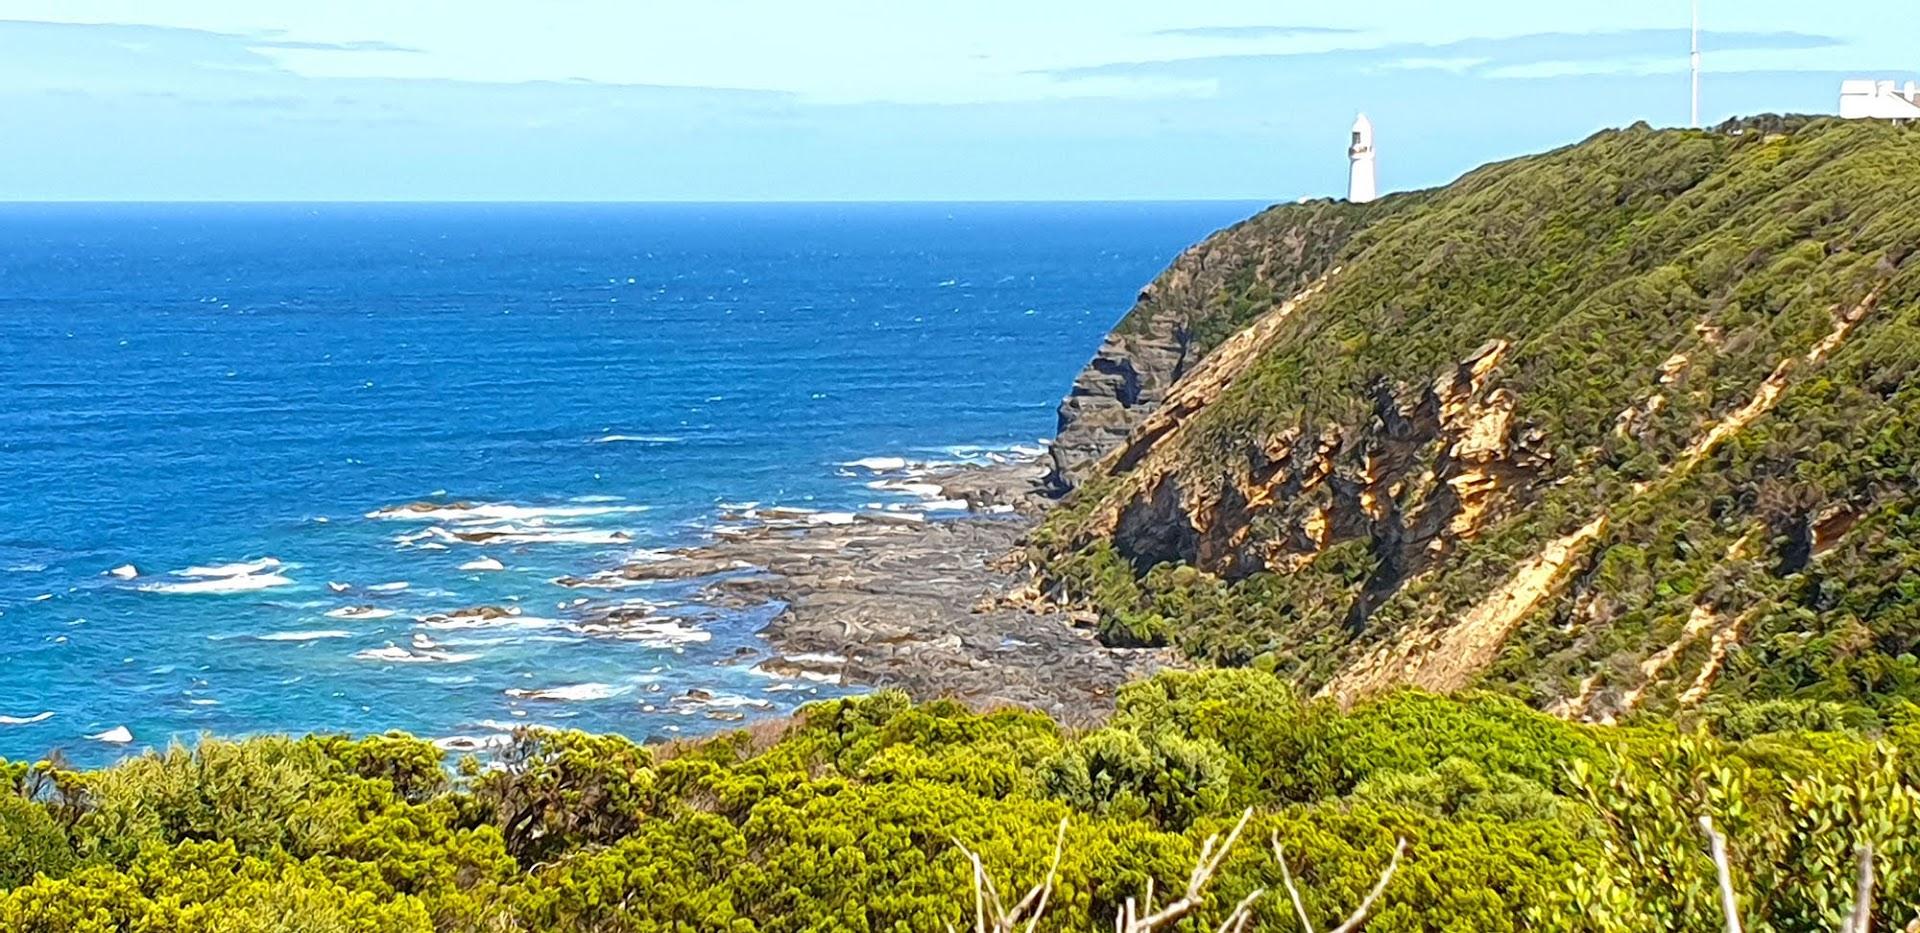 Fazer a GREAT OCEAN ROAD, a estrada mais bonita da Austrália